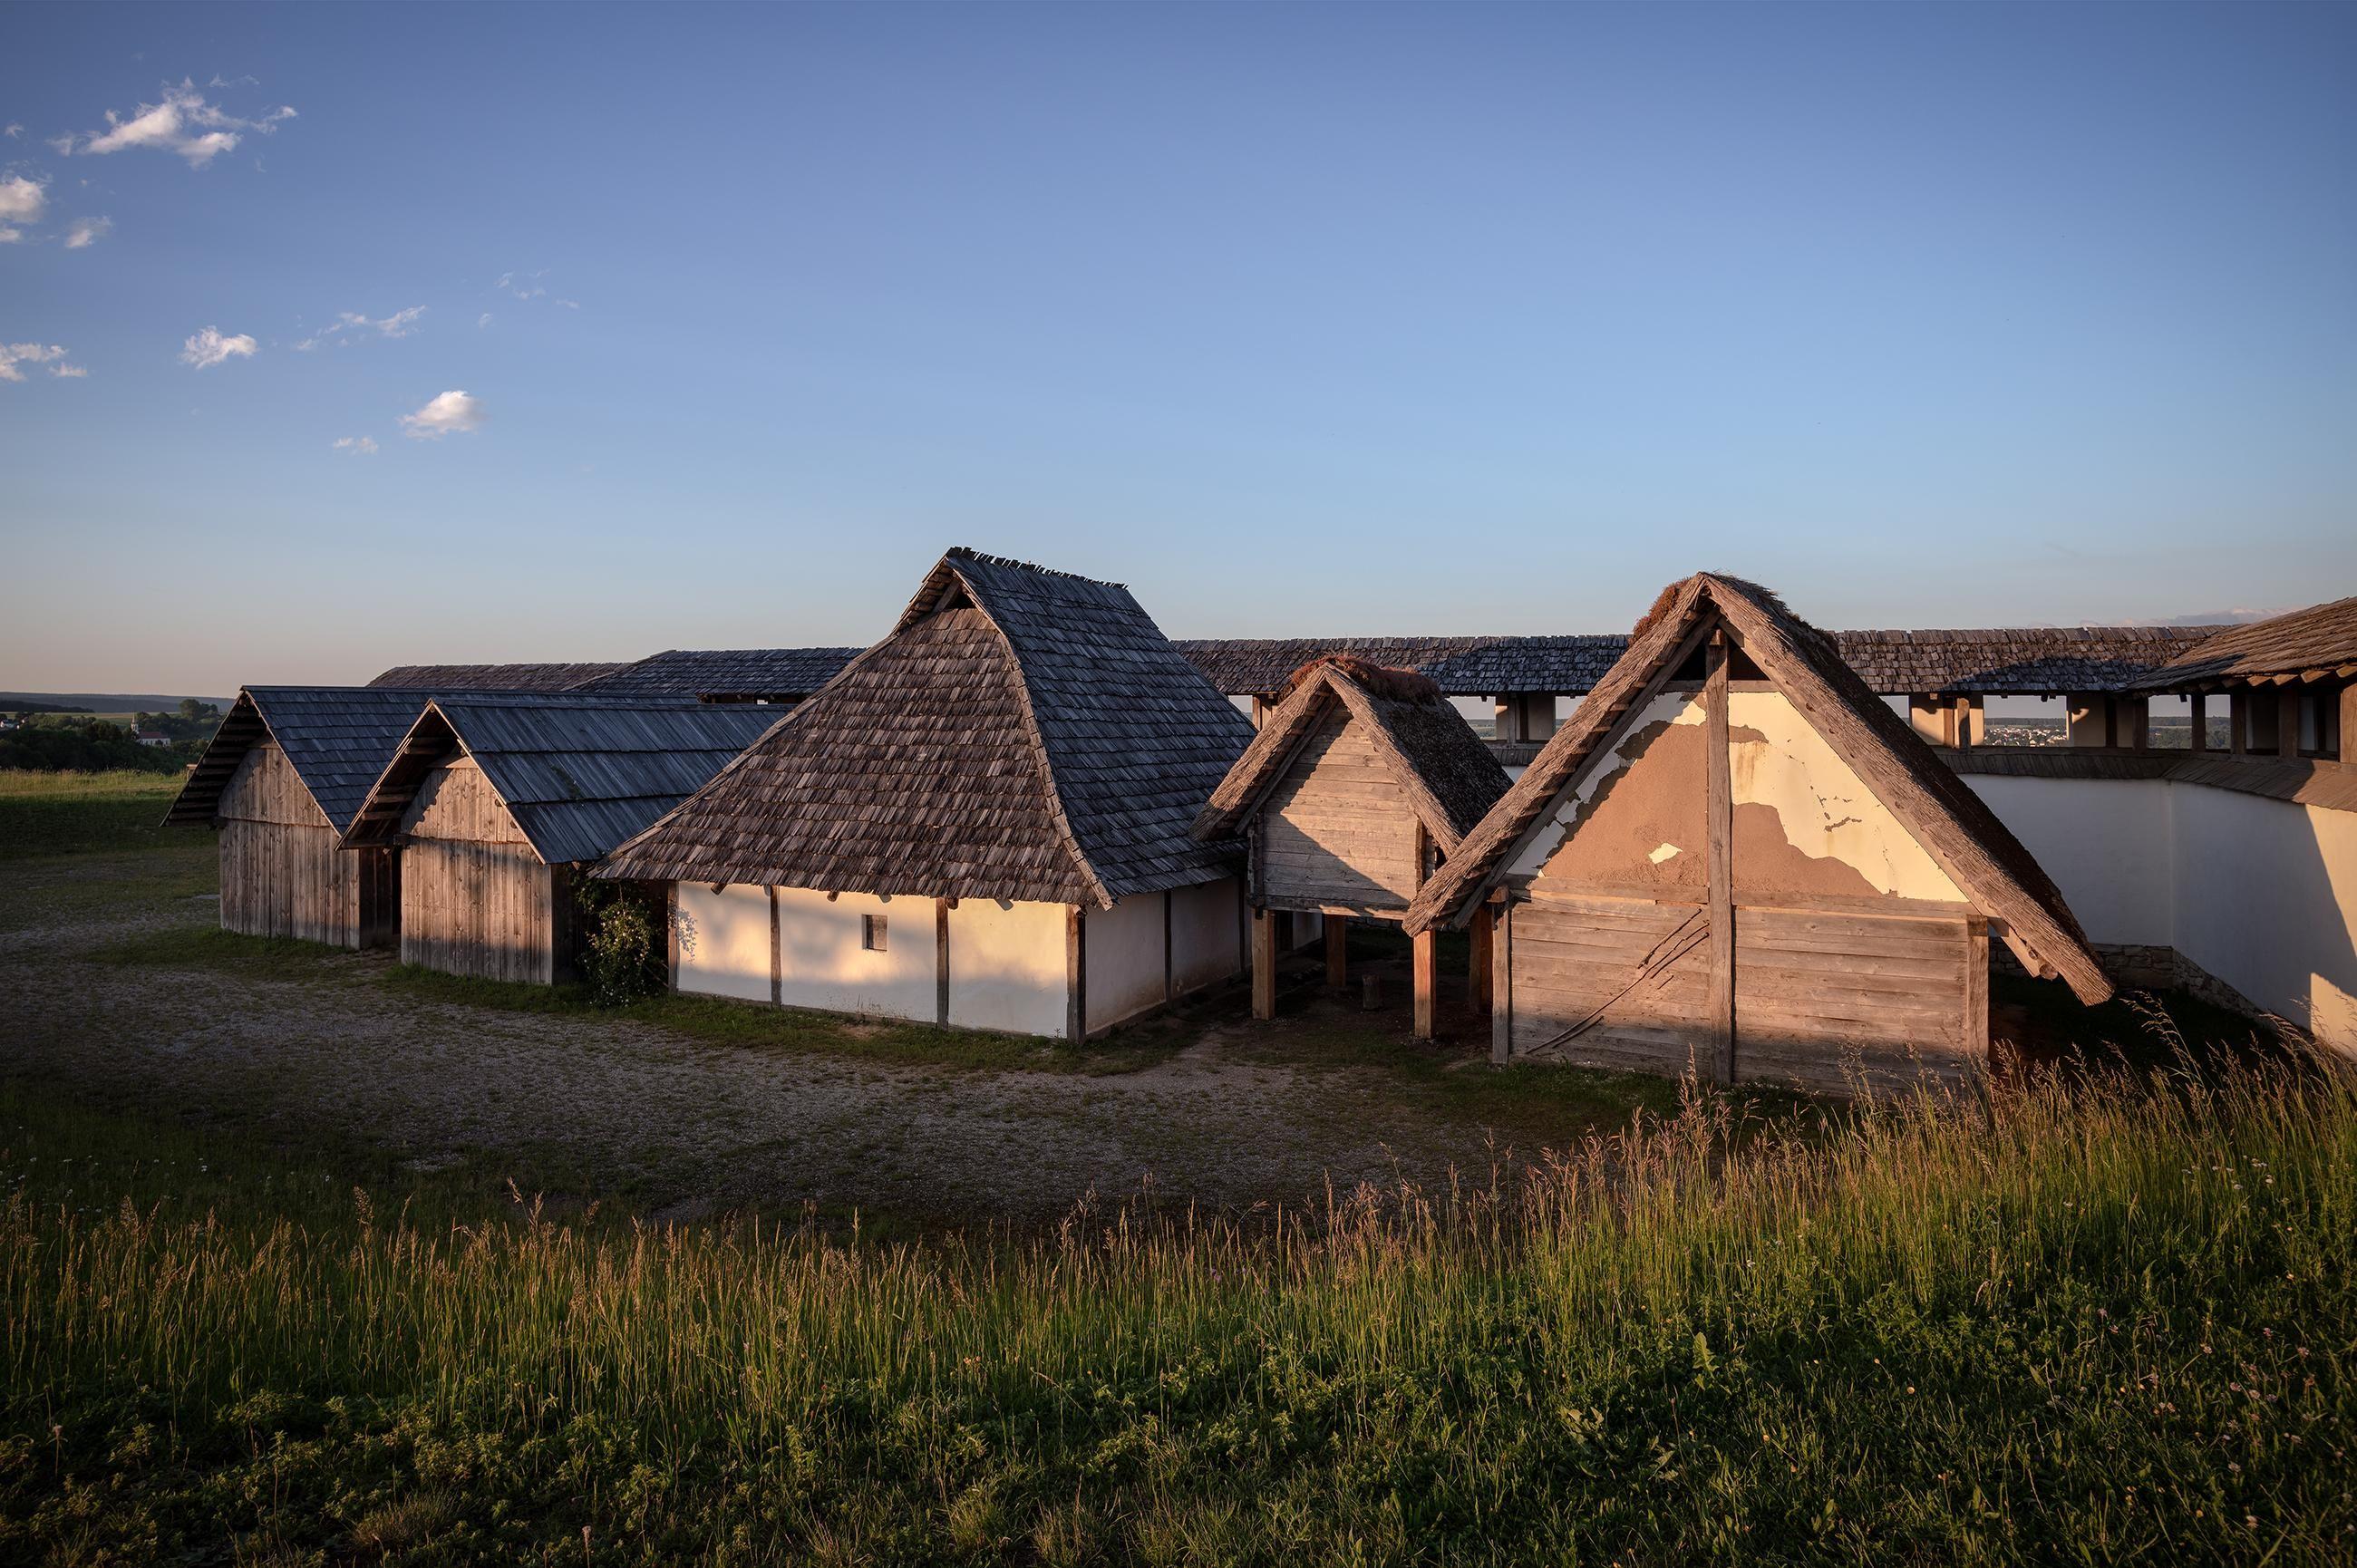 Heuneburg – Stadt Pyrene, rekonstruierte Gebäude des Handwerkerviertels